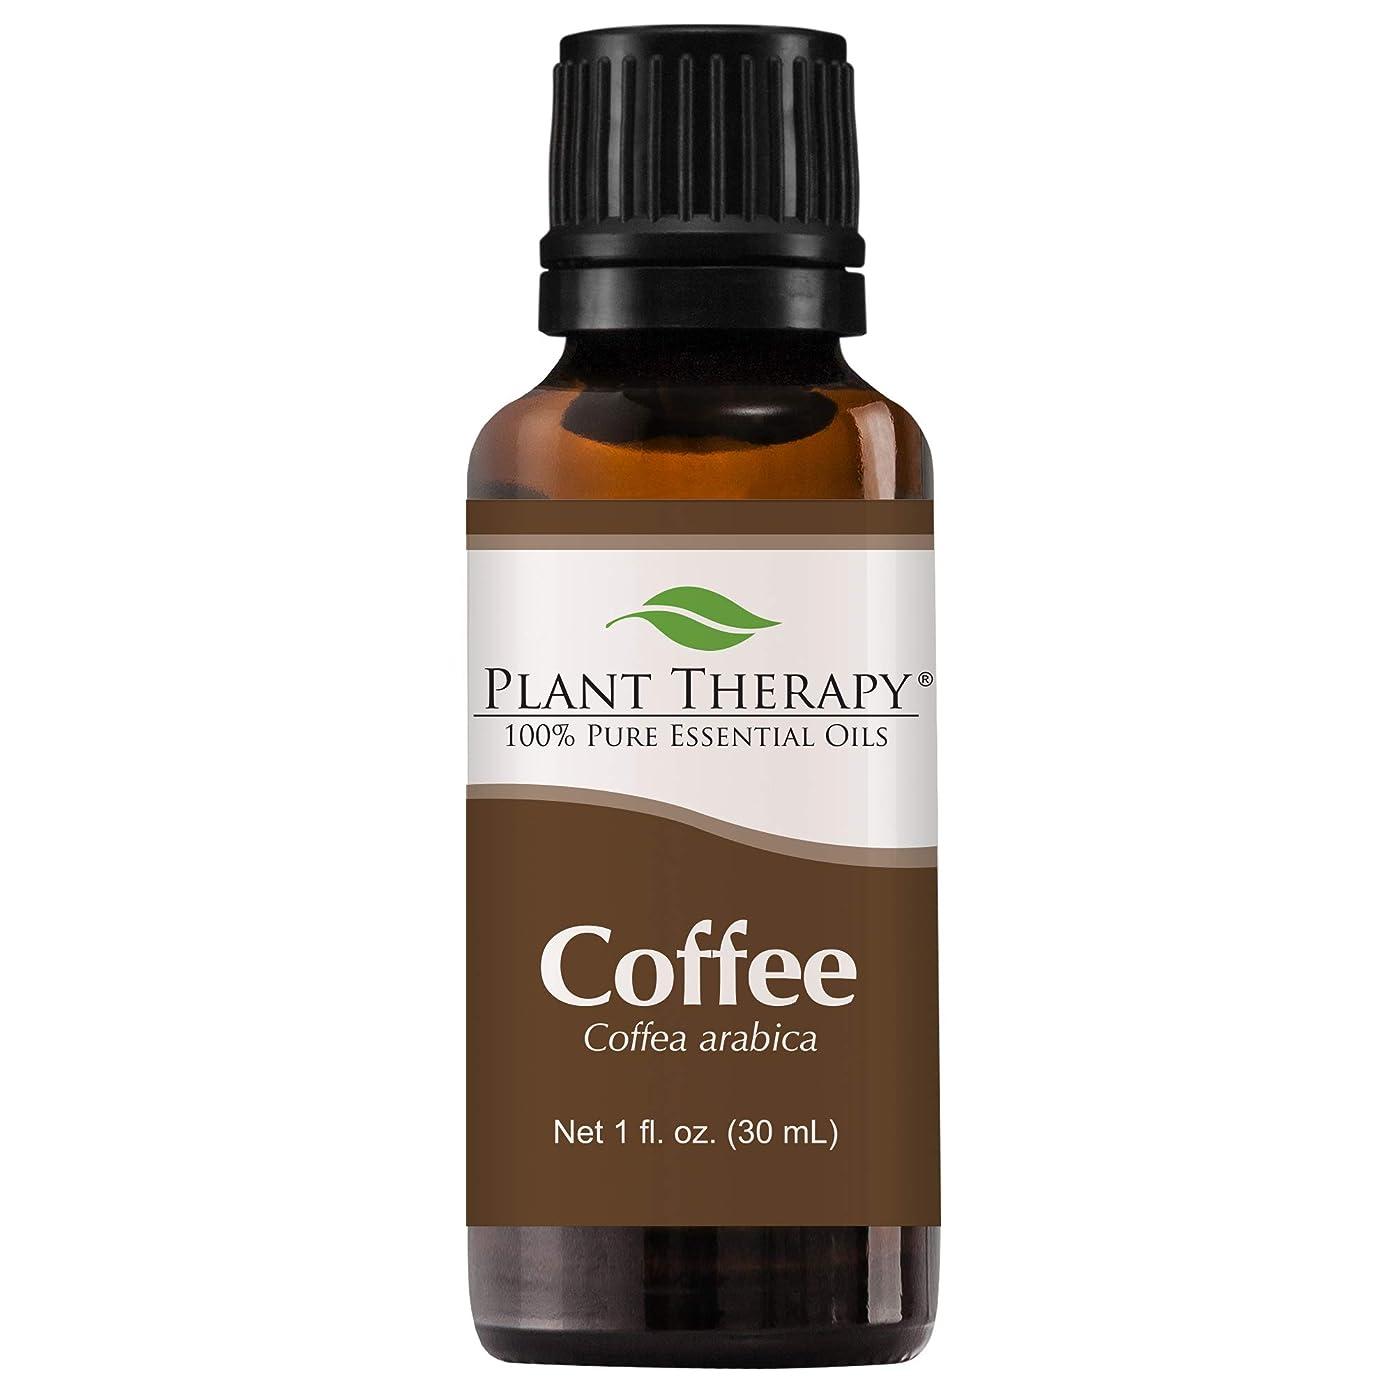 クッション該当するパックCoffee Essential Oil. 30 ml (1 oz). 100% Pure, Undiluted, Therapeutic Grade. by Plant Therapy Essential Oils